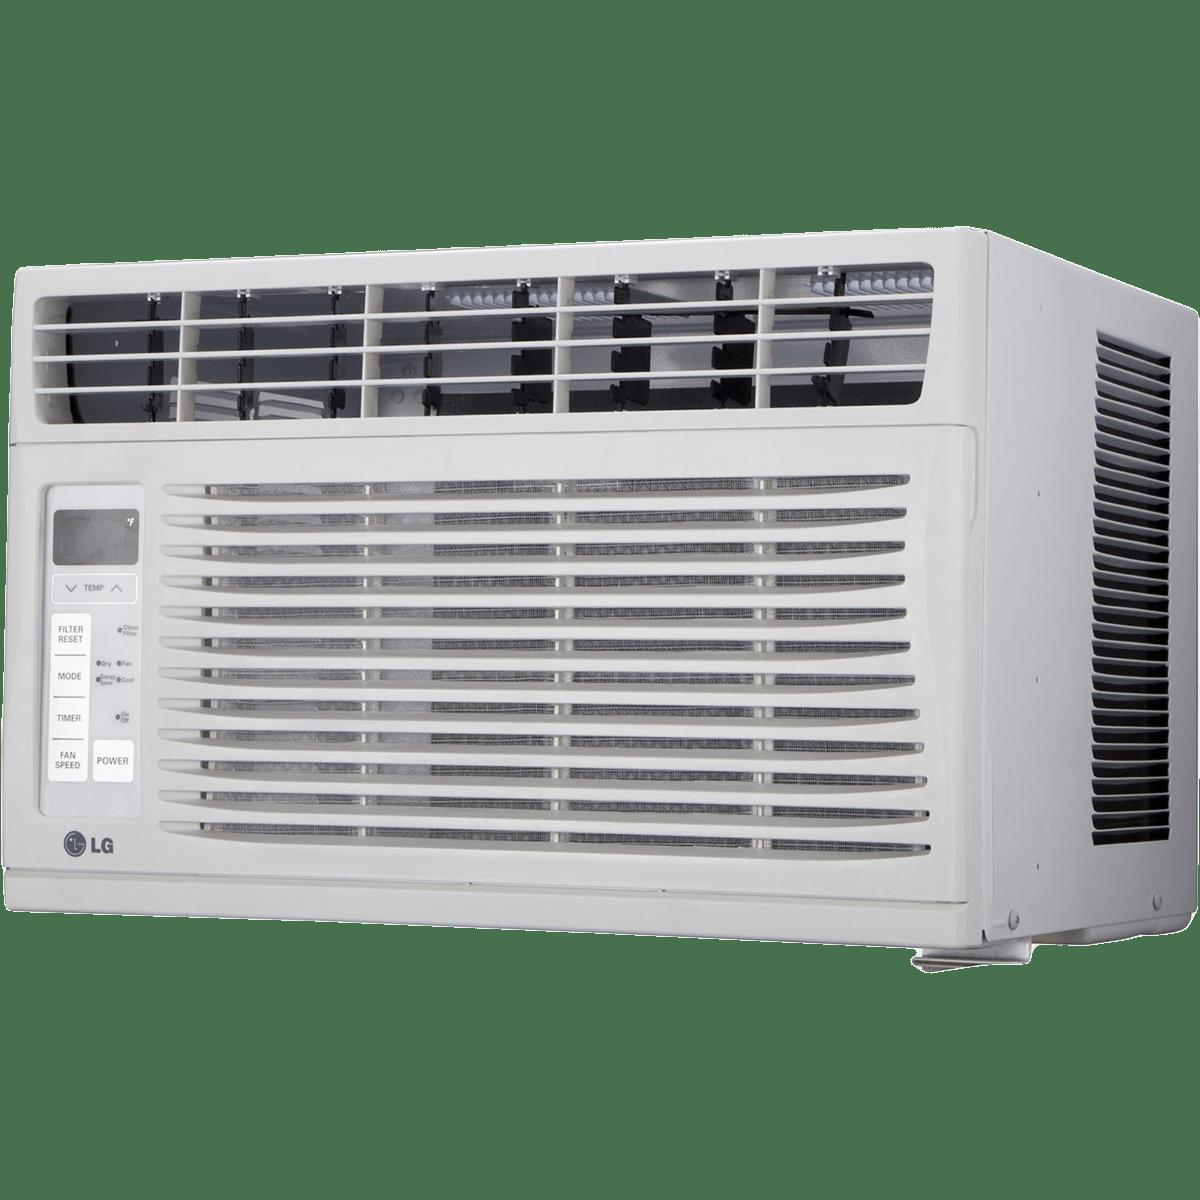 LG LW6016R 6,000 BTU Window Air Conditioner lg5666